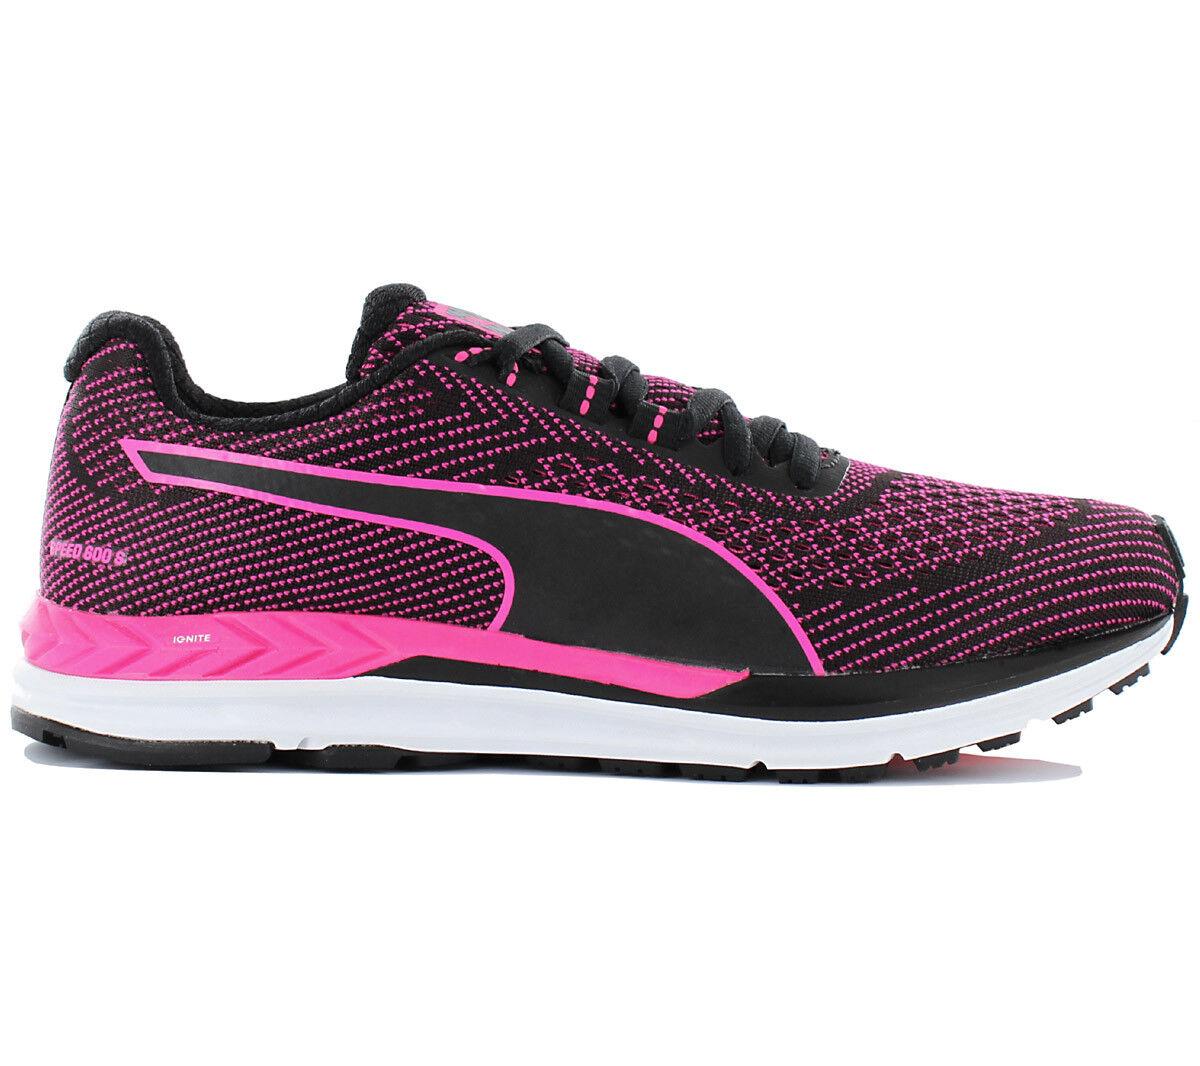 Zapatos promocionales para hombres y mujeres PUMA Speed 600 S Ignite Zapatillas de correr para mujer zapatillas deportivas